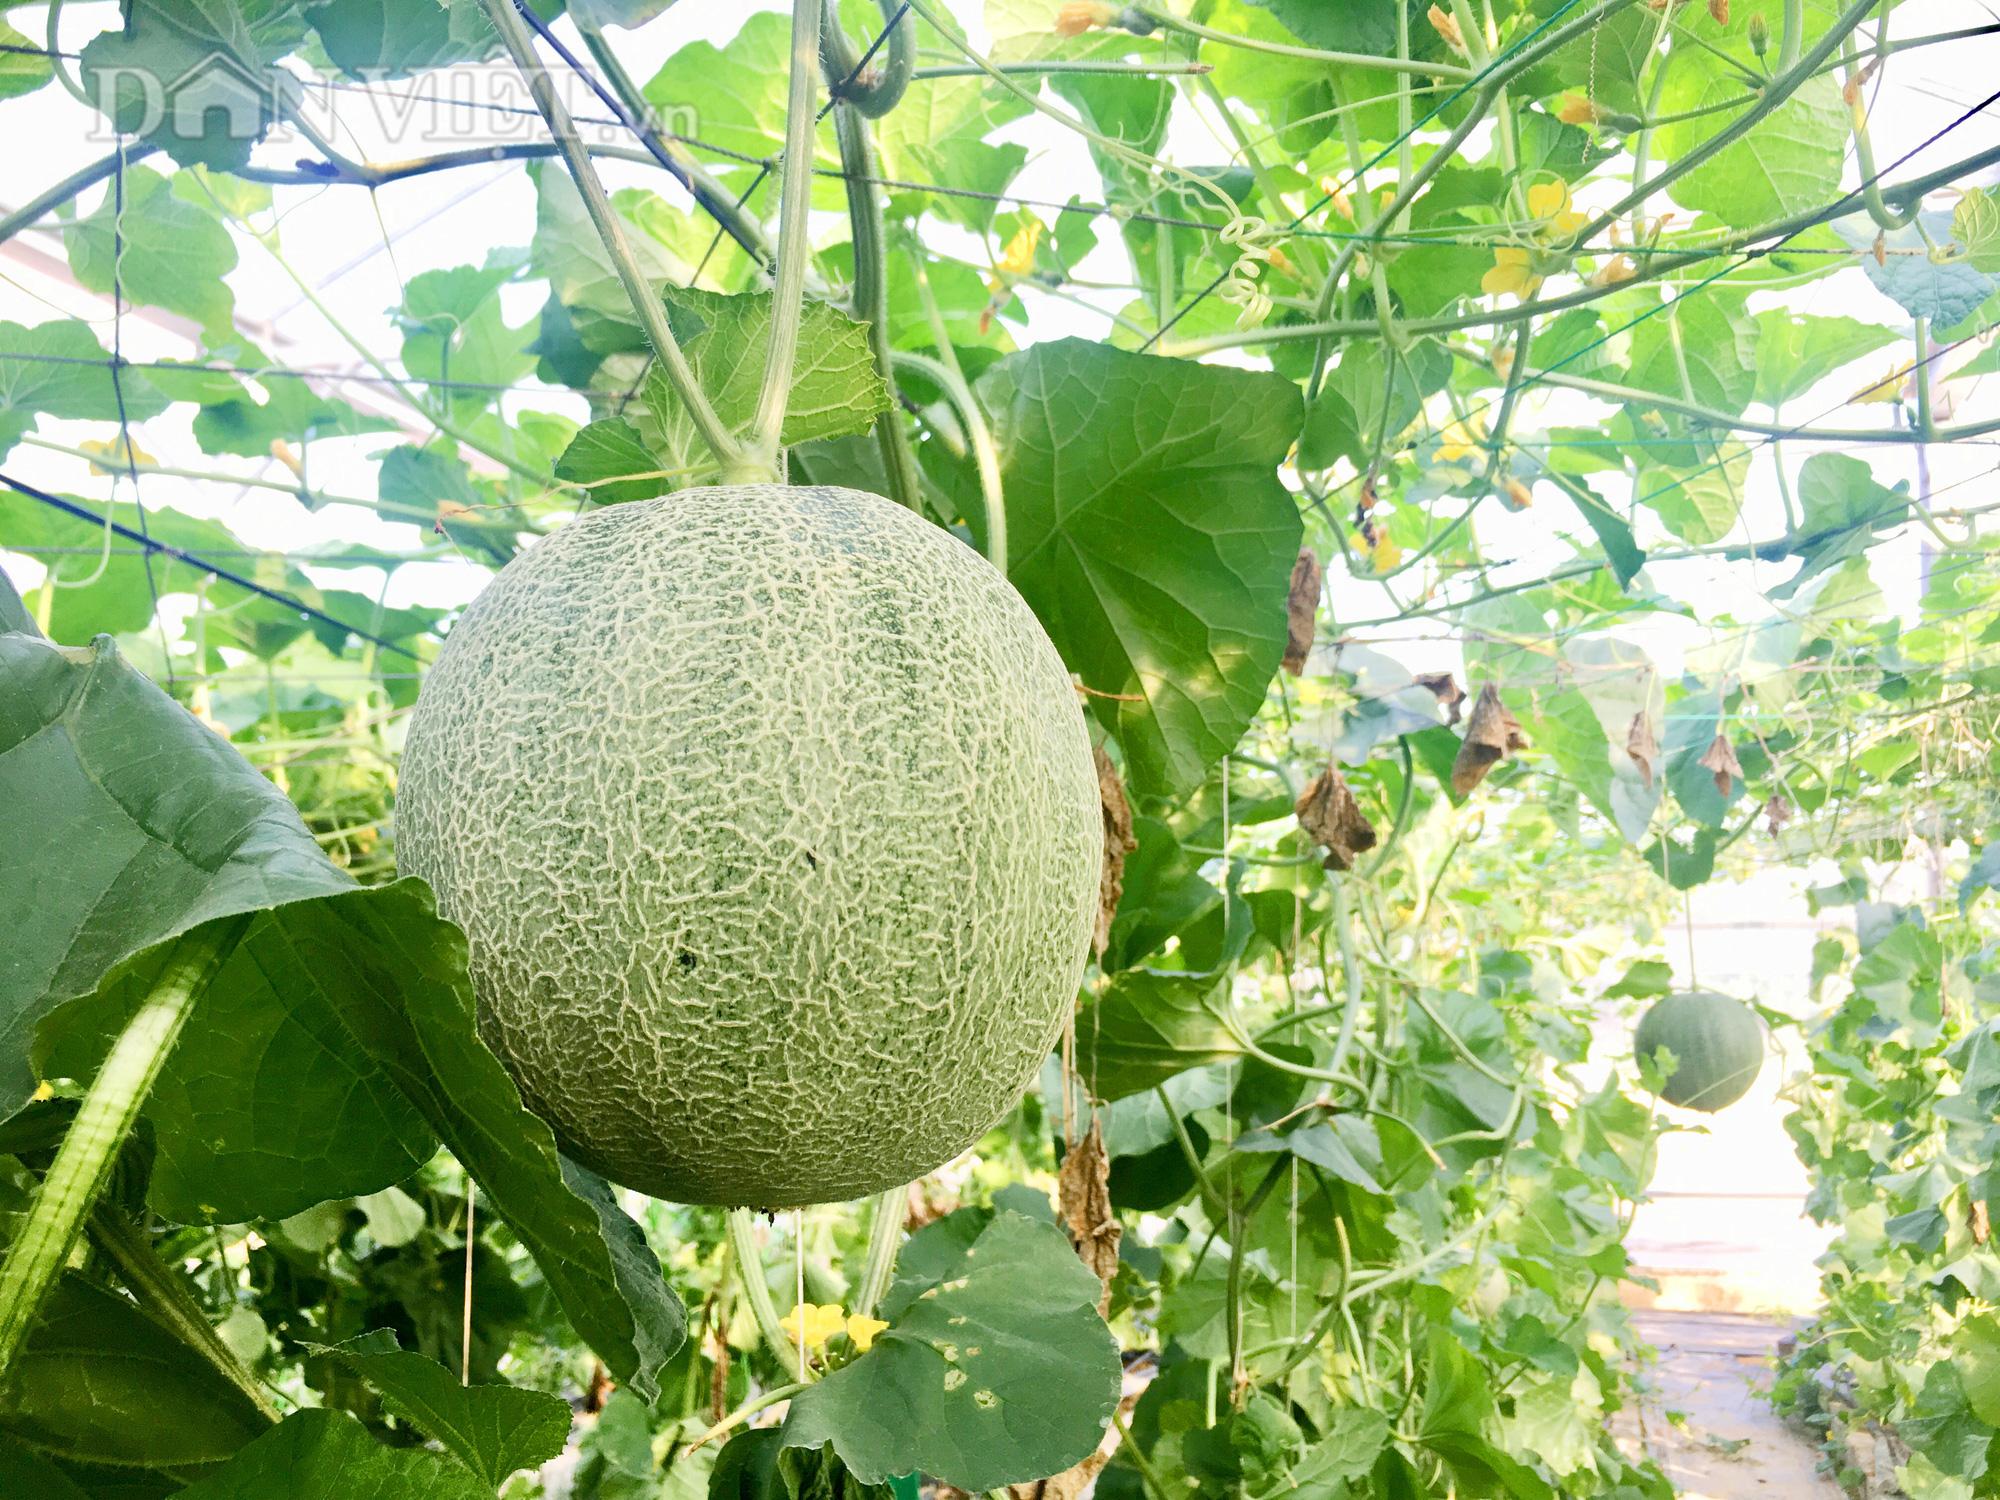 Những quả dưa lưới chất lượng cao, có trọng lượng trên 2kg gần đến ngày thu hoạch trong khu nhà kính của gia đình anh Tấn. Ảnh: PV